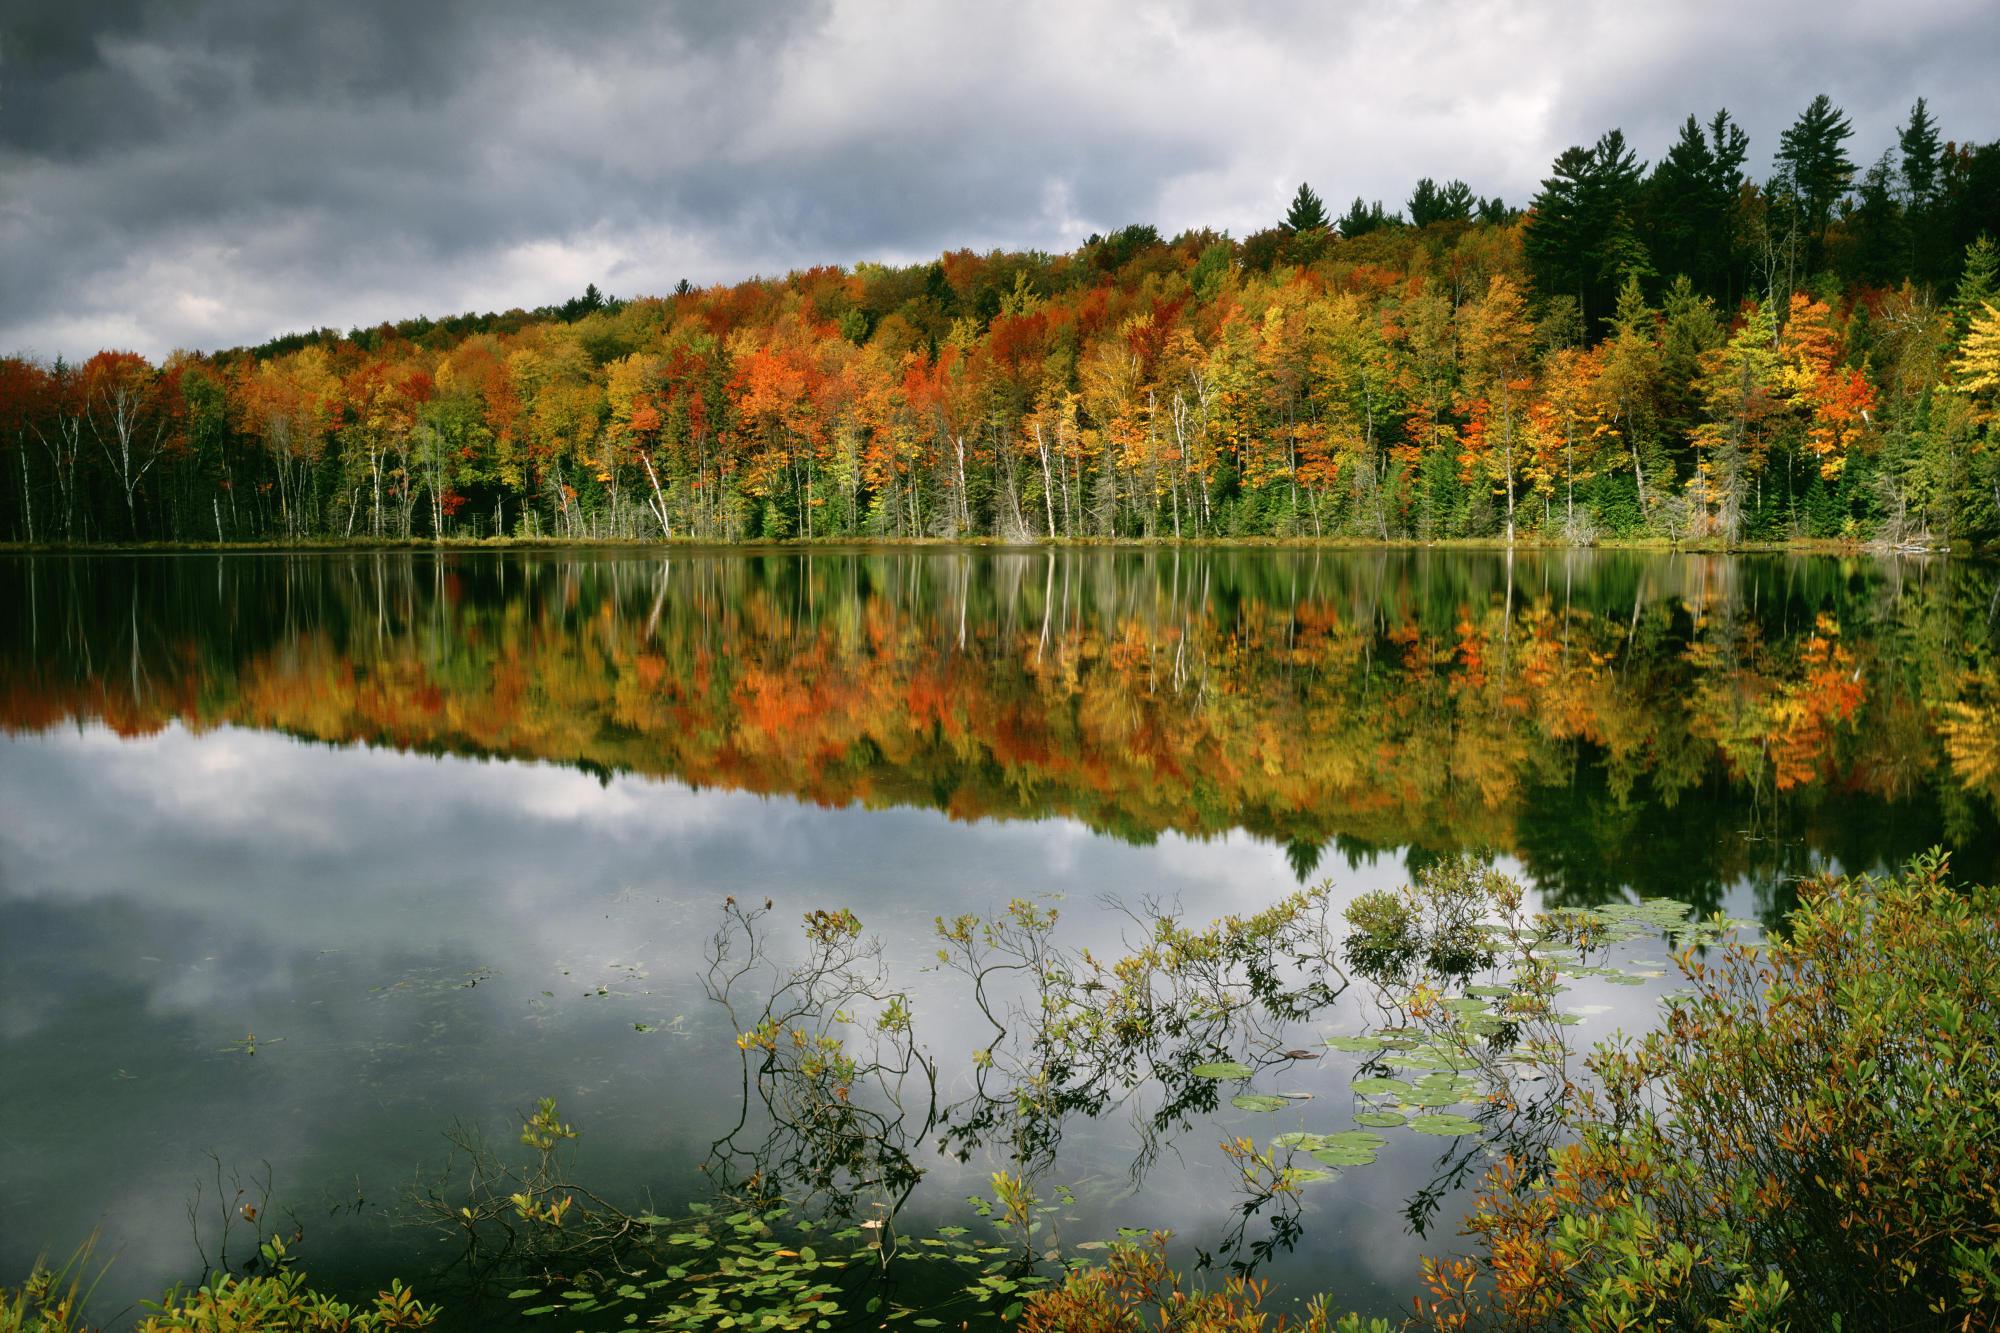 вода озеро осень water the lake autumn  № 1155992 бесплатно